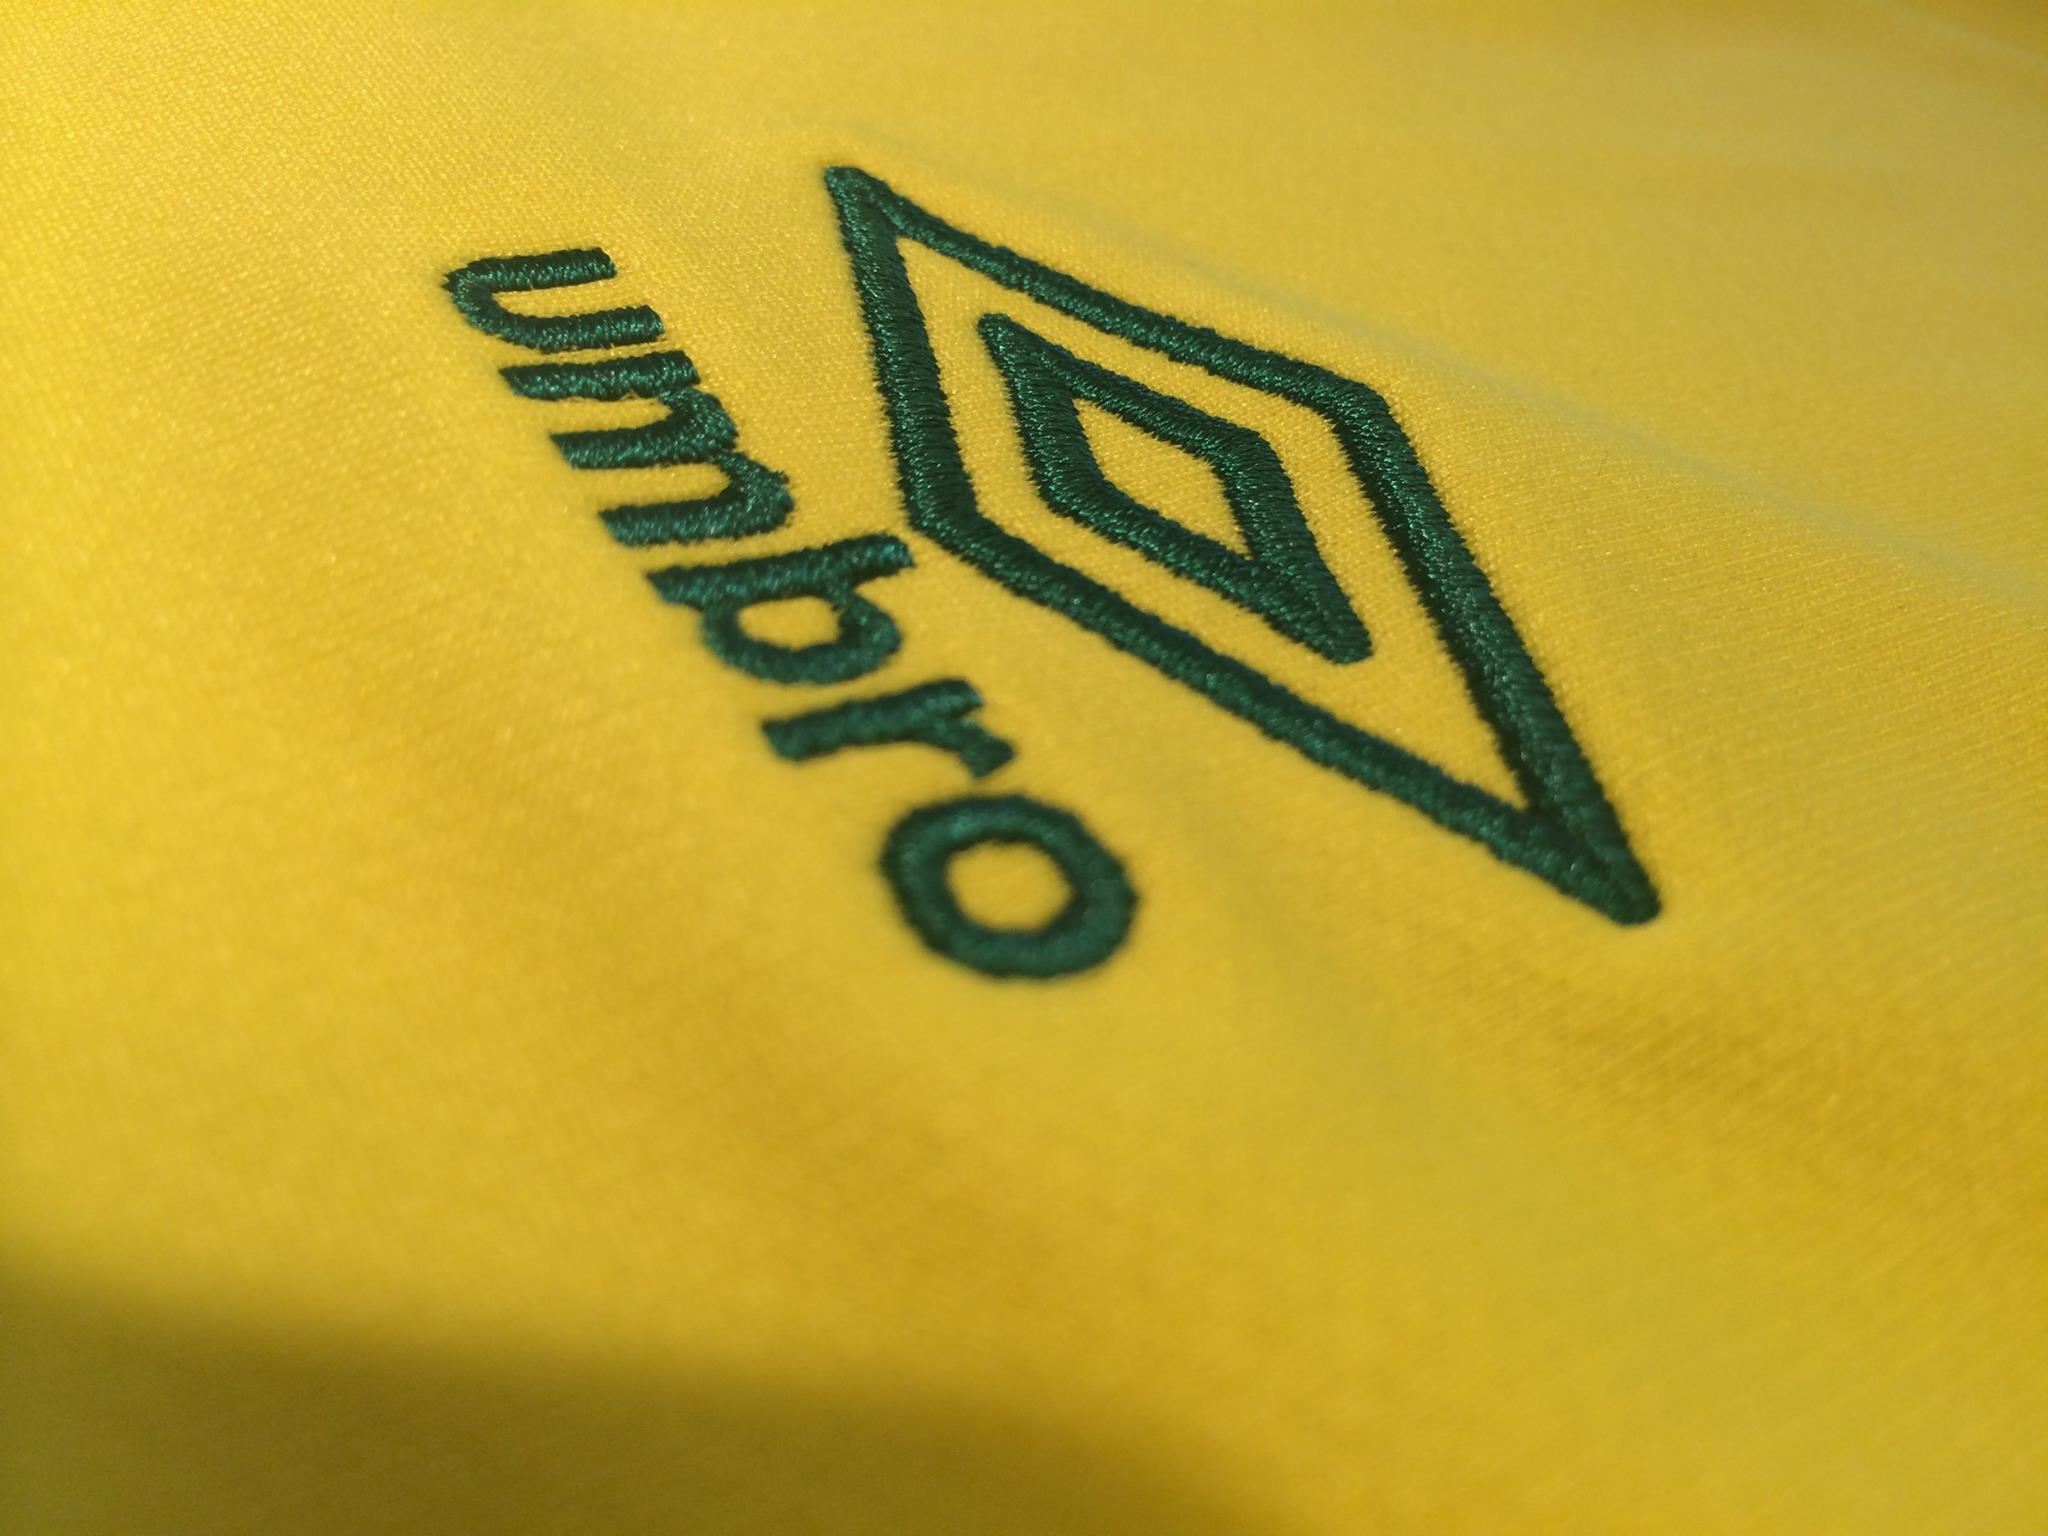 Interview de Guillaume Reux sur le renouveau d'Umbro dans le football